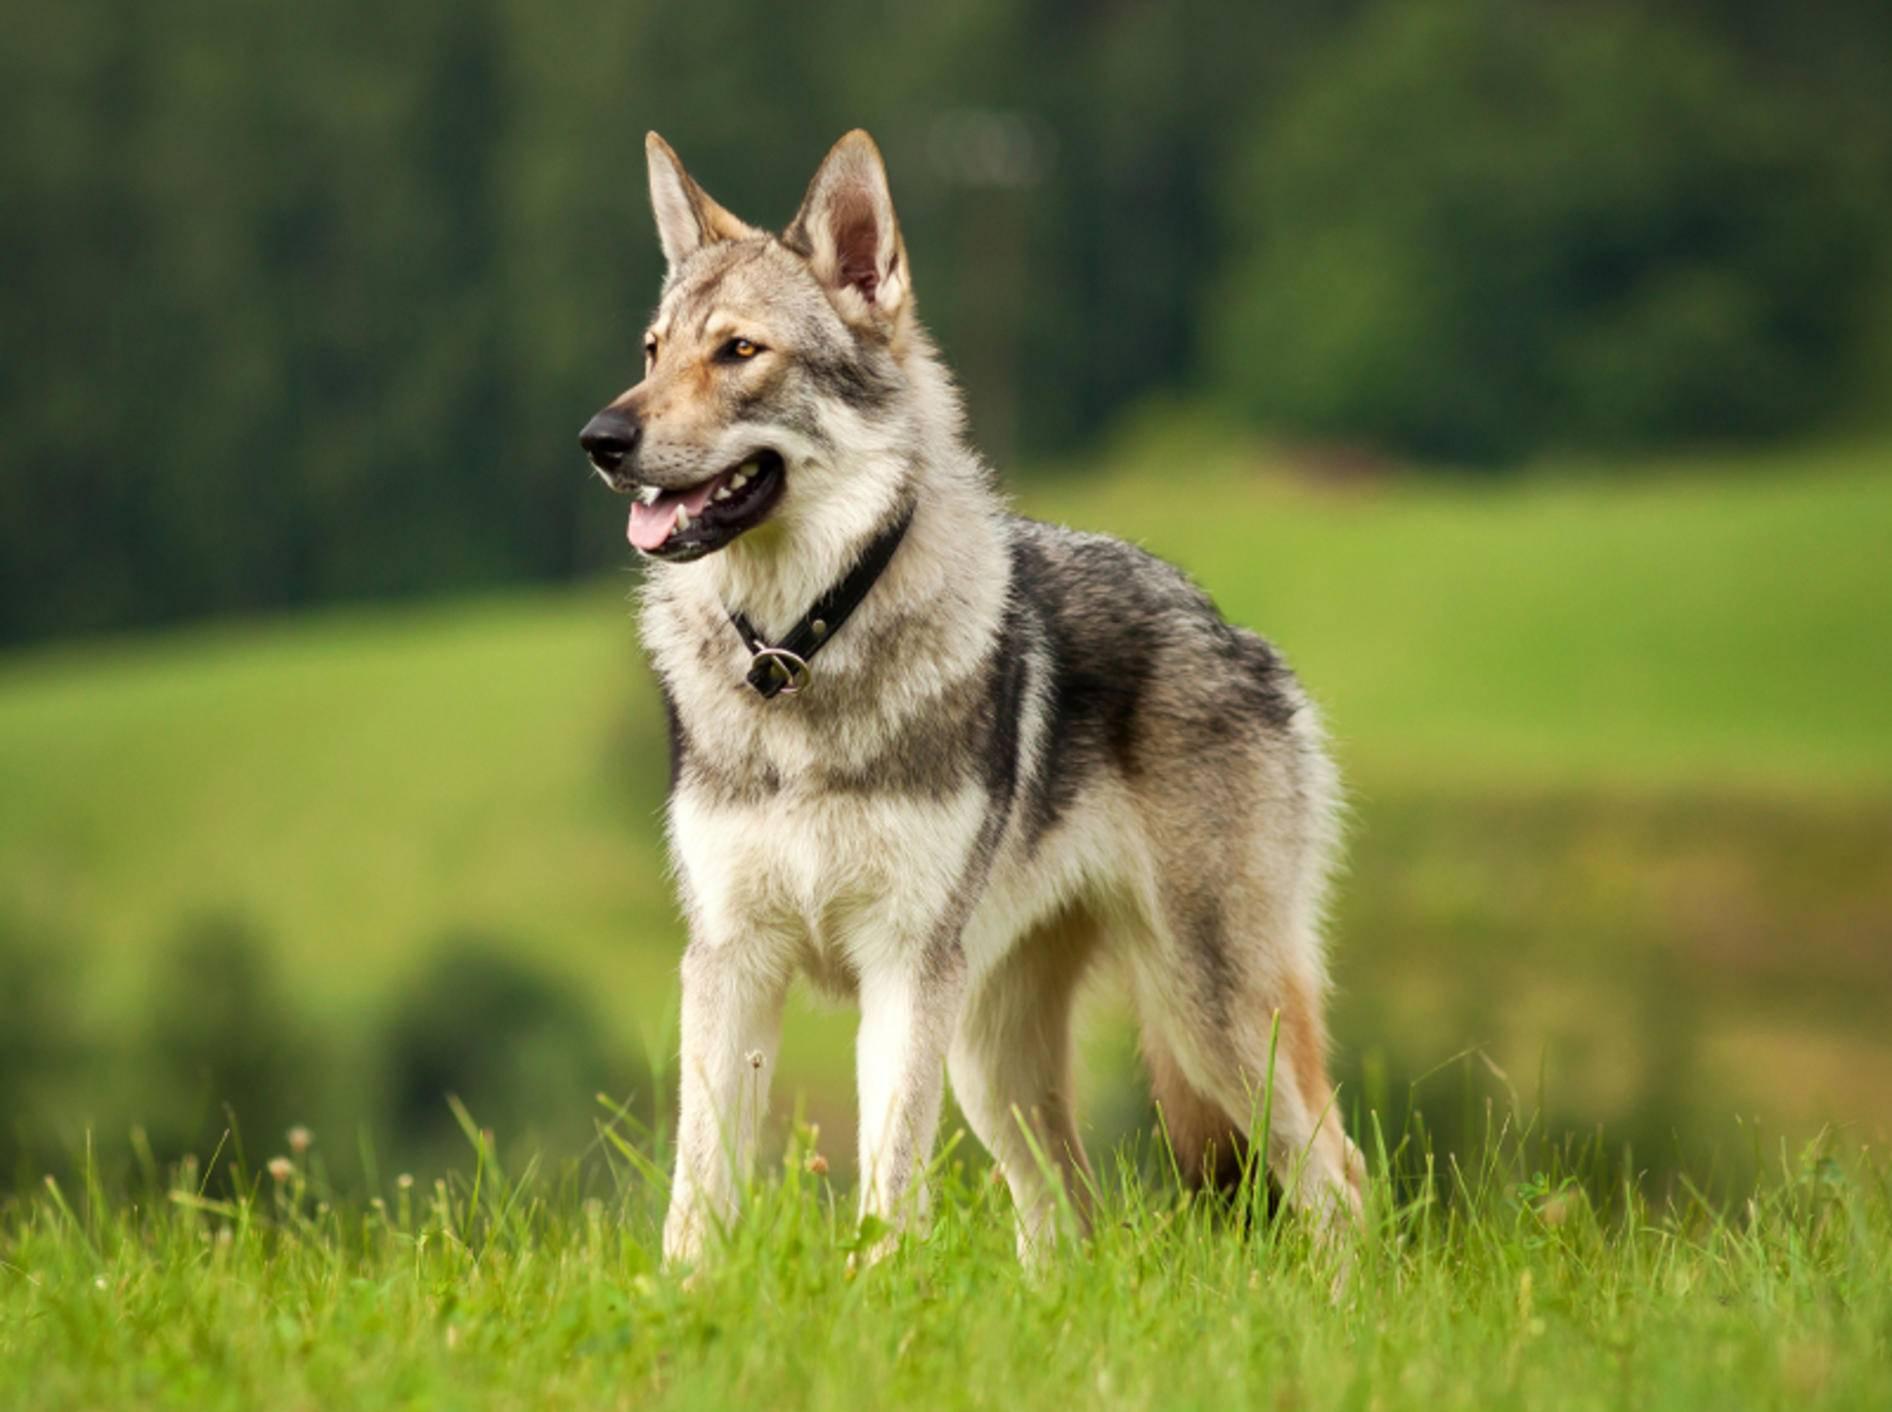 Der wunderbare Tschechoslowakische Wolfshund hat eine ganz besondere, natürliche Ausstrahlung – Shutterstock / gloverk